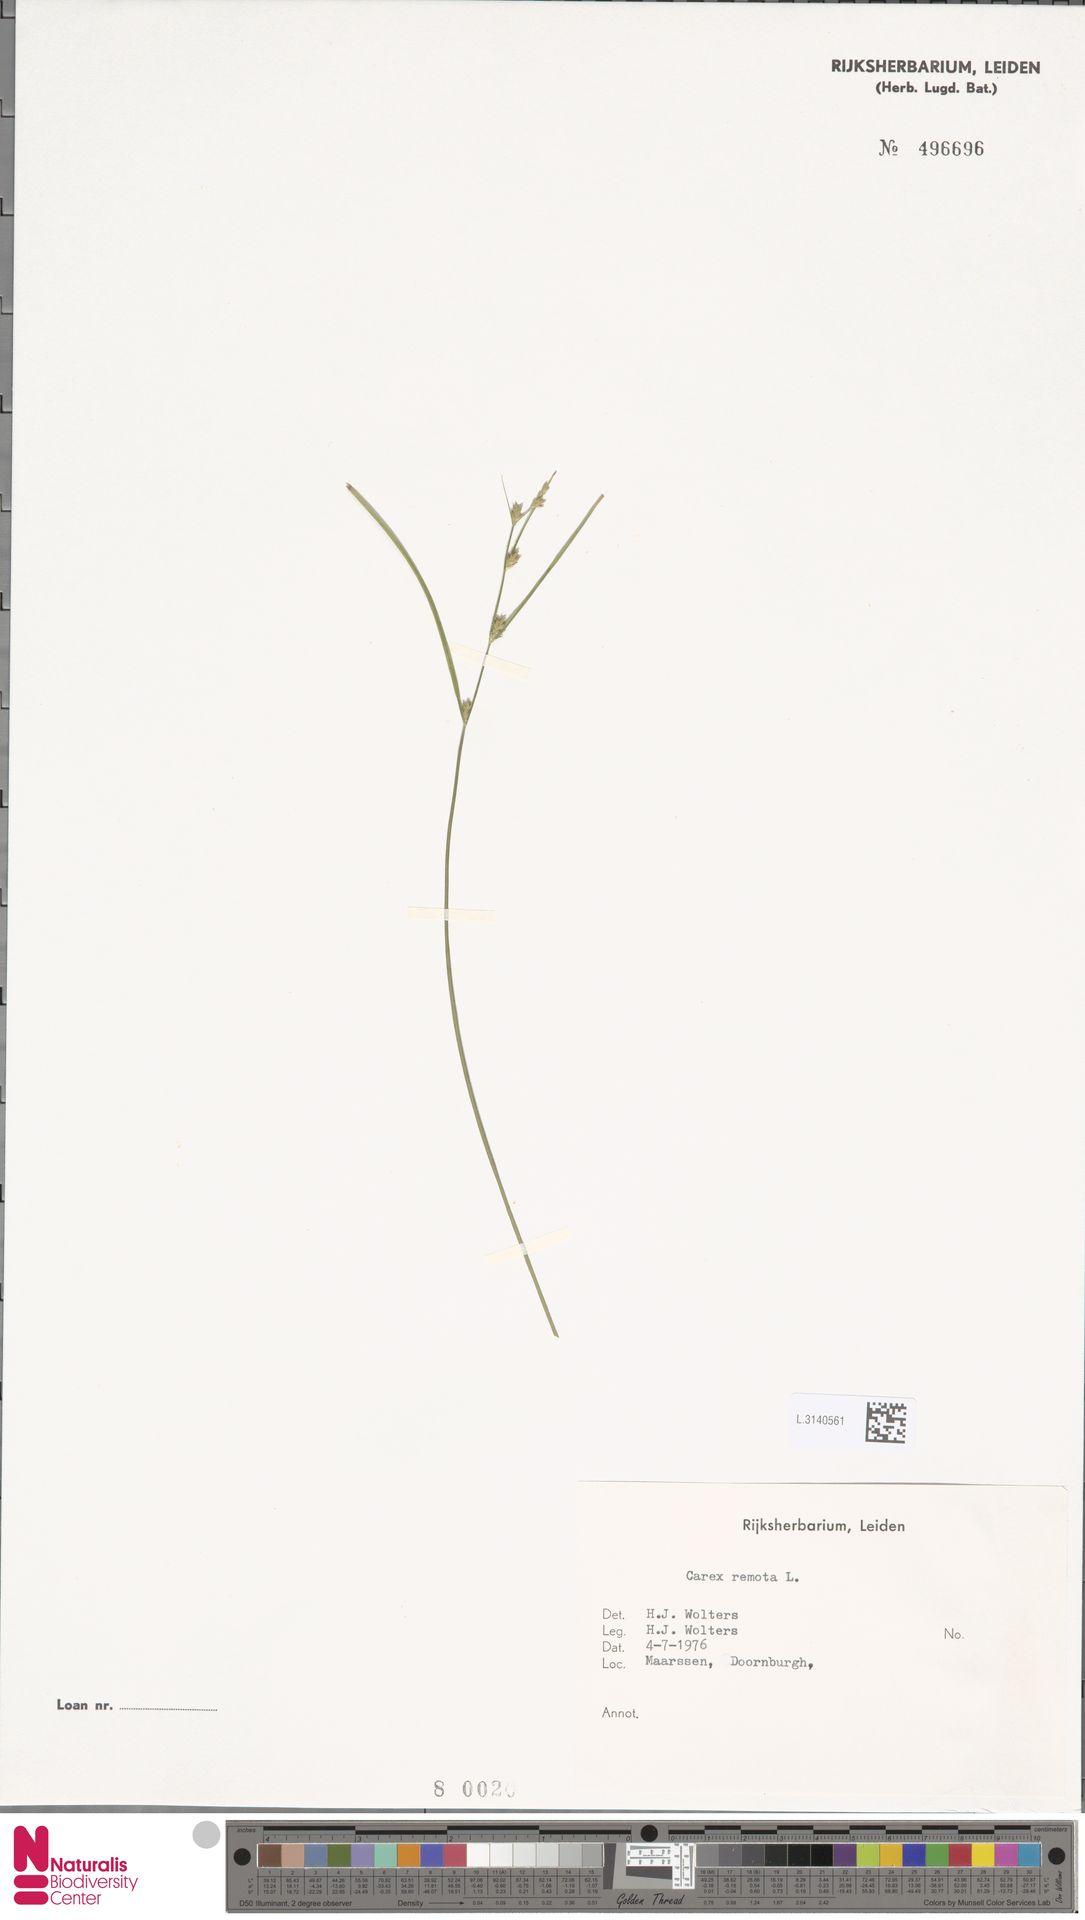 L.3140561   Carex remota L.